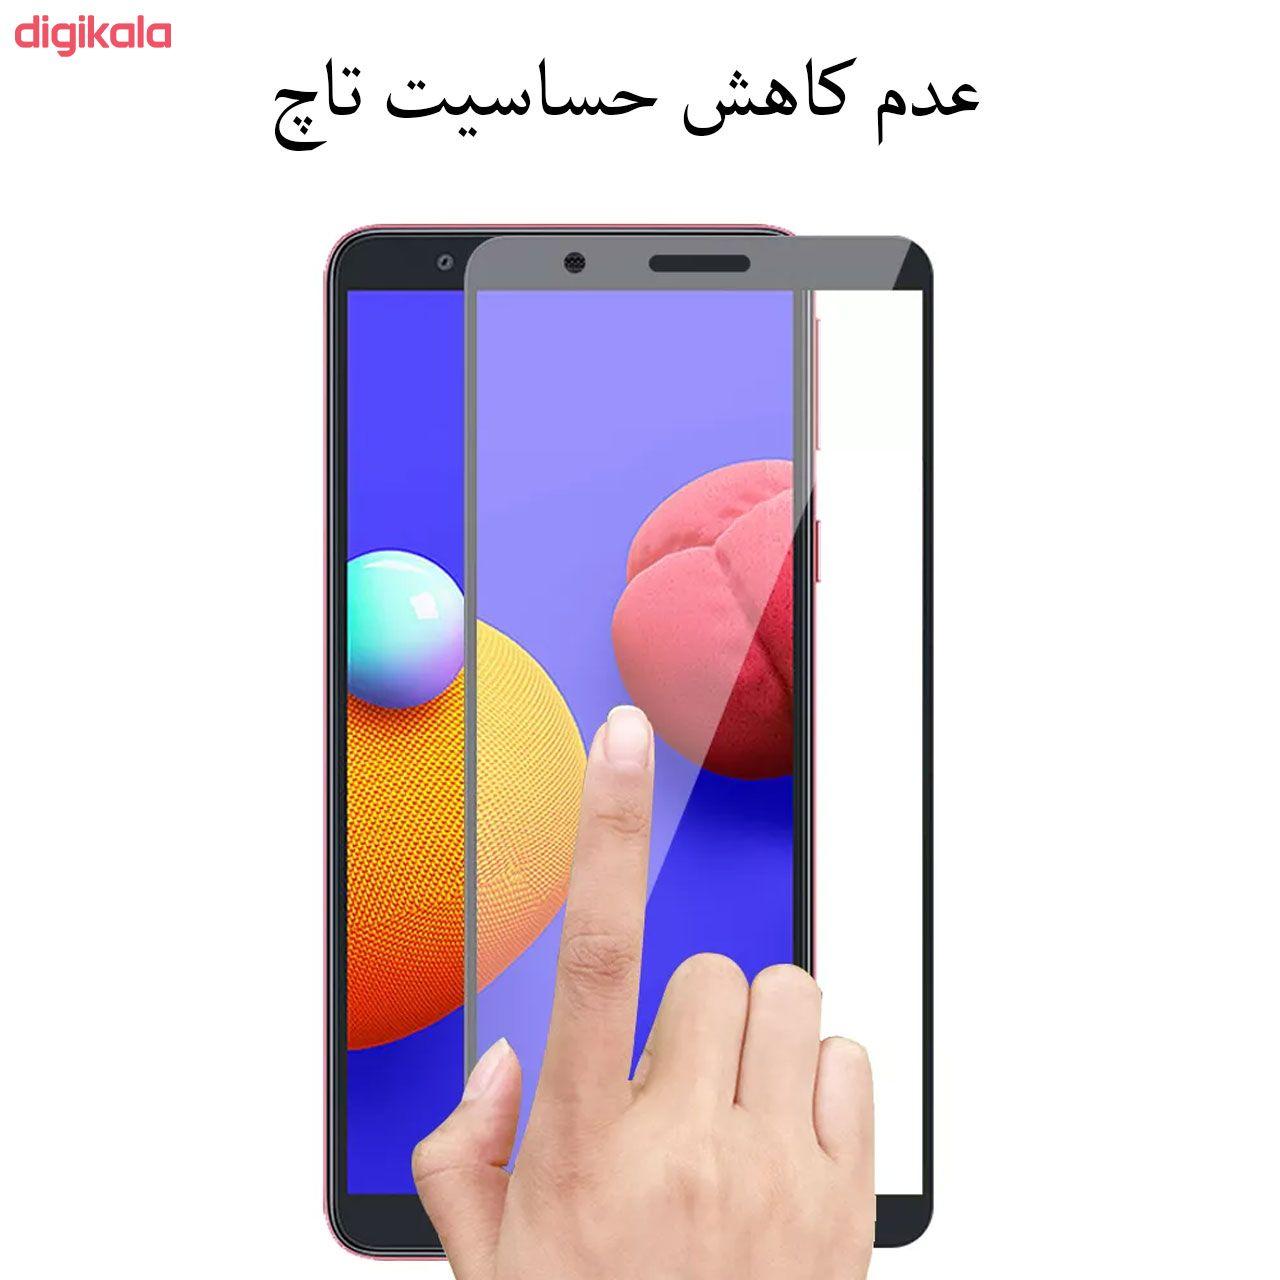 محافظ صفحه نمایش مدل FCG مناسب برای گوشی موبایل سامسونگ Galaxy A01 Core main 1 3